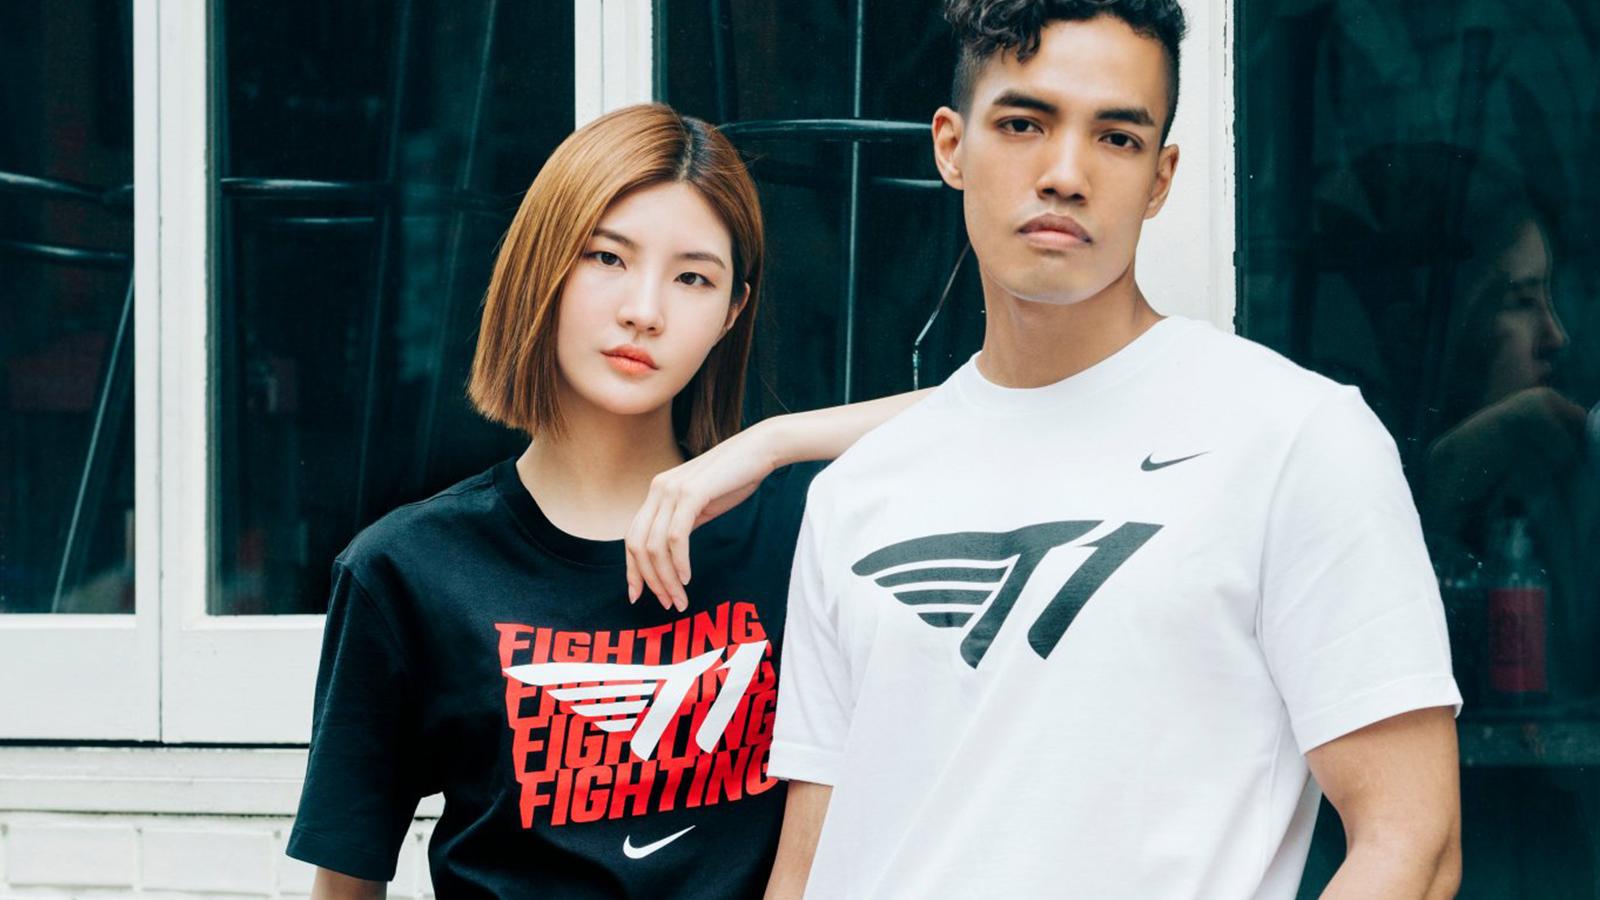 Nike T1 Partnership